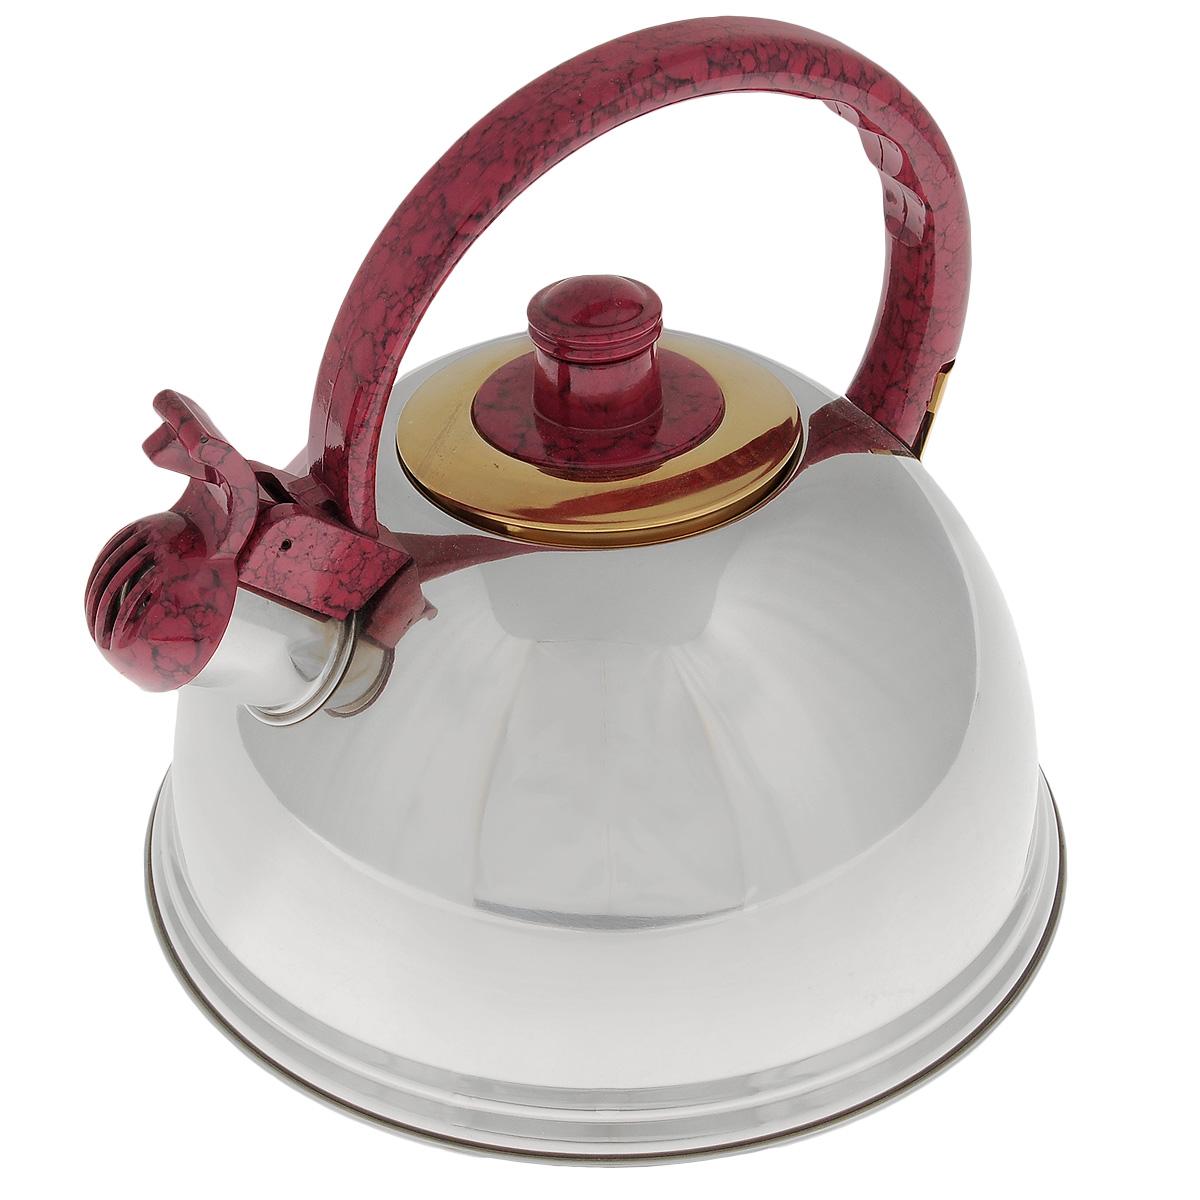 Чайник Mayer & Boch, со свистком, цвет: красный, 2,7 л. 23594